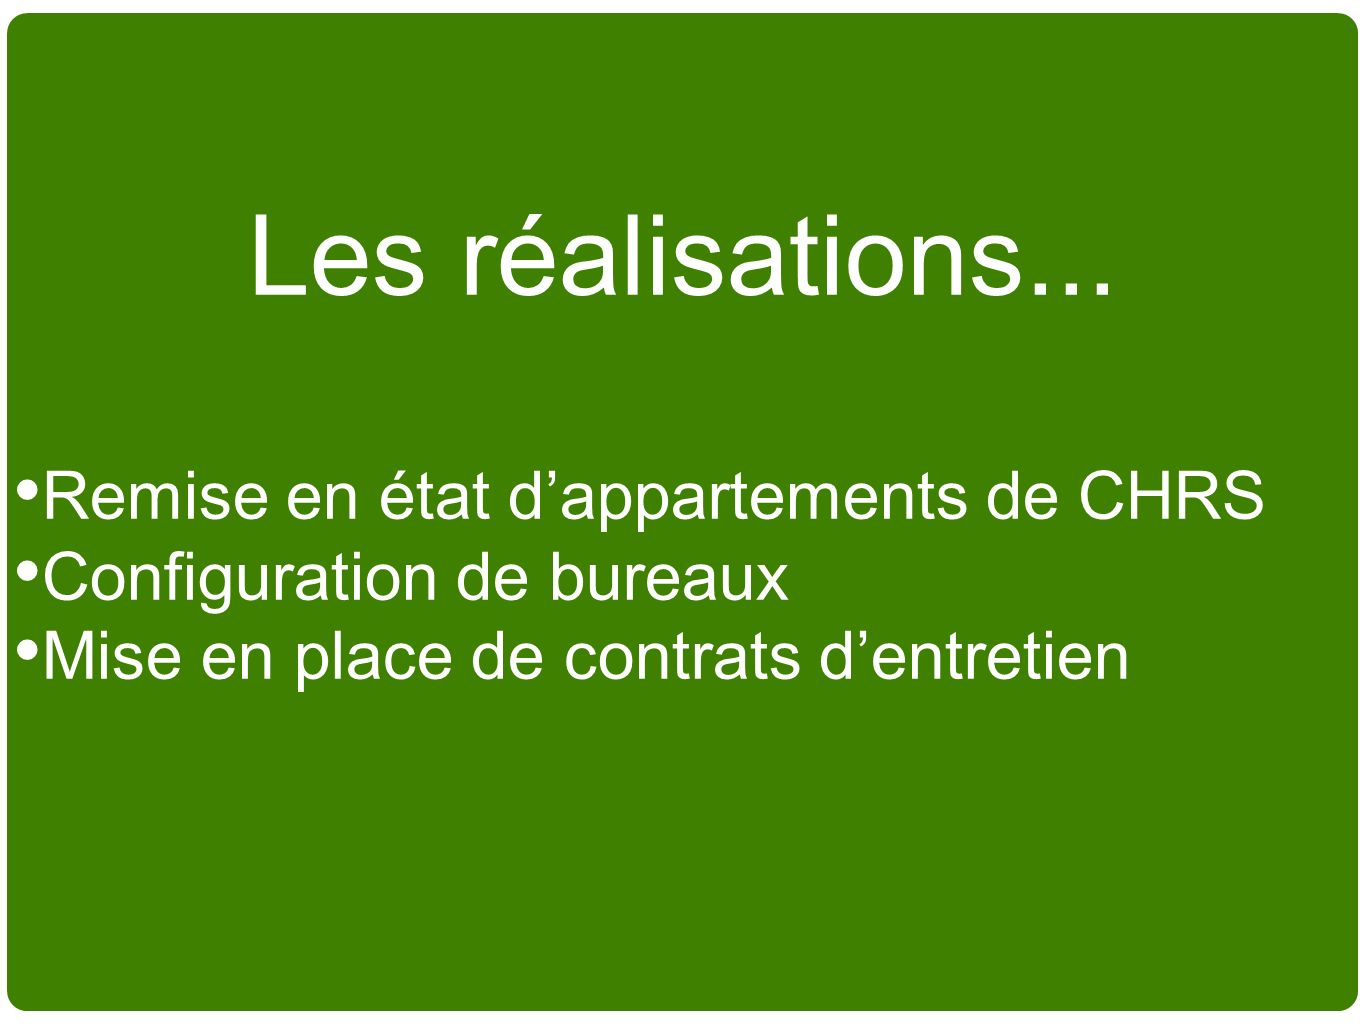 Les réalisations... Remise en état d'appartements de CHRS